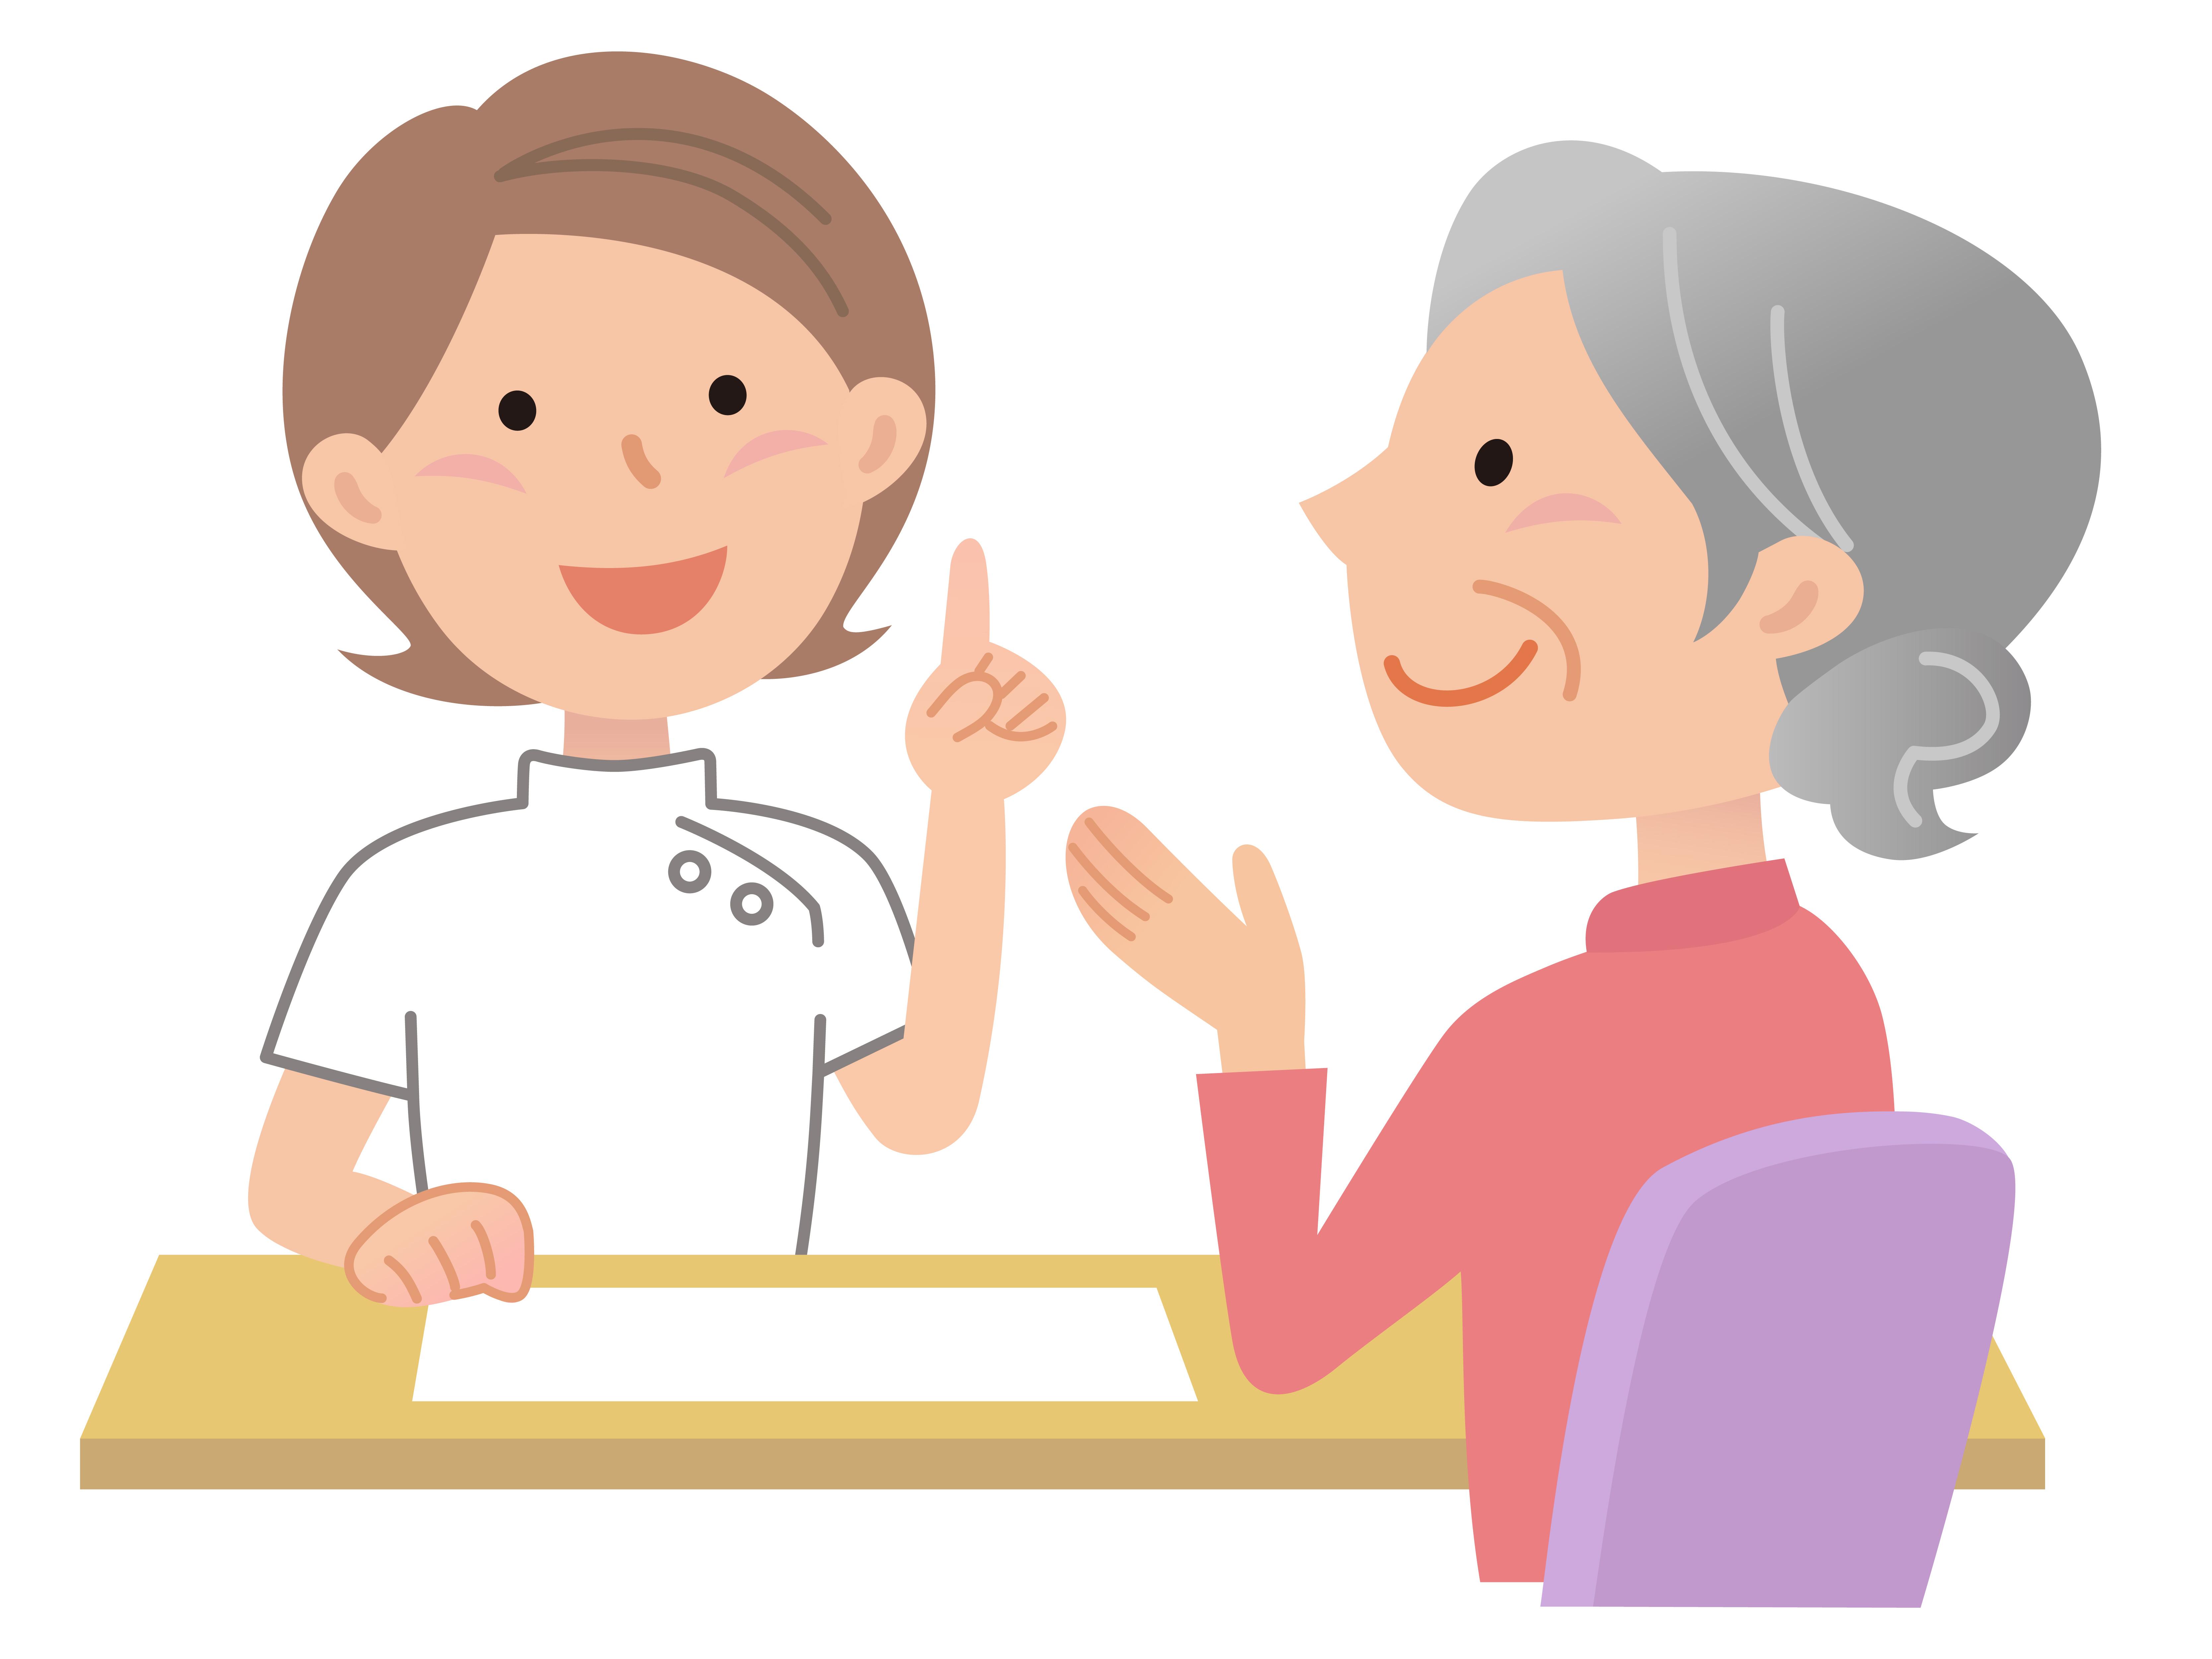 認知症高齢者に対するリハビリテーションの必要性